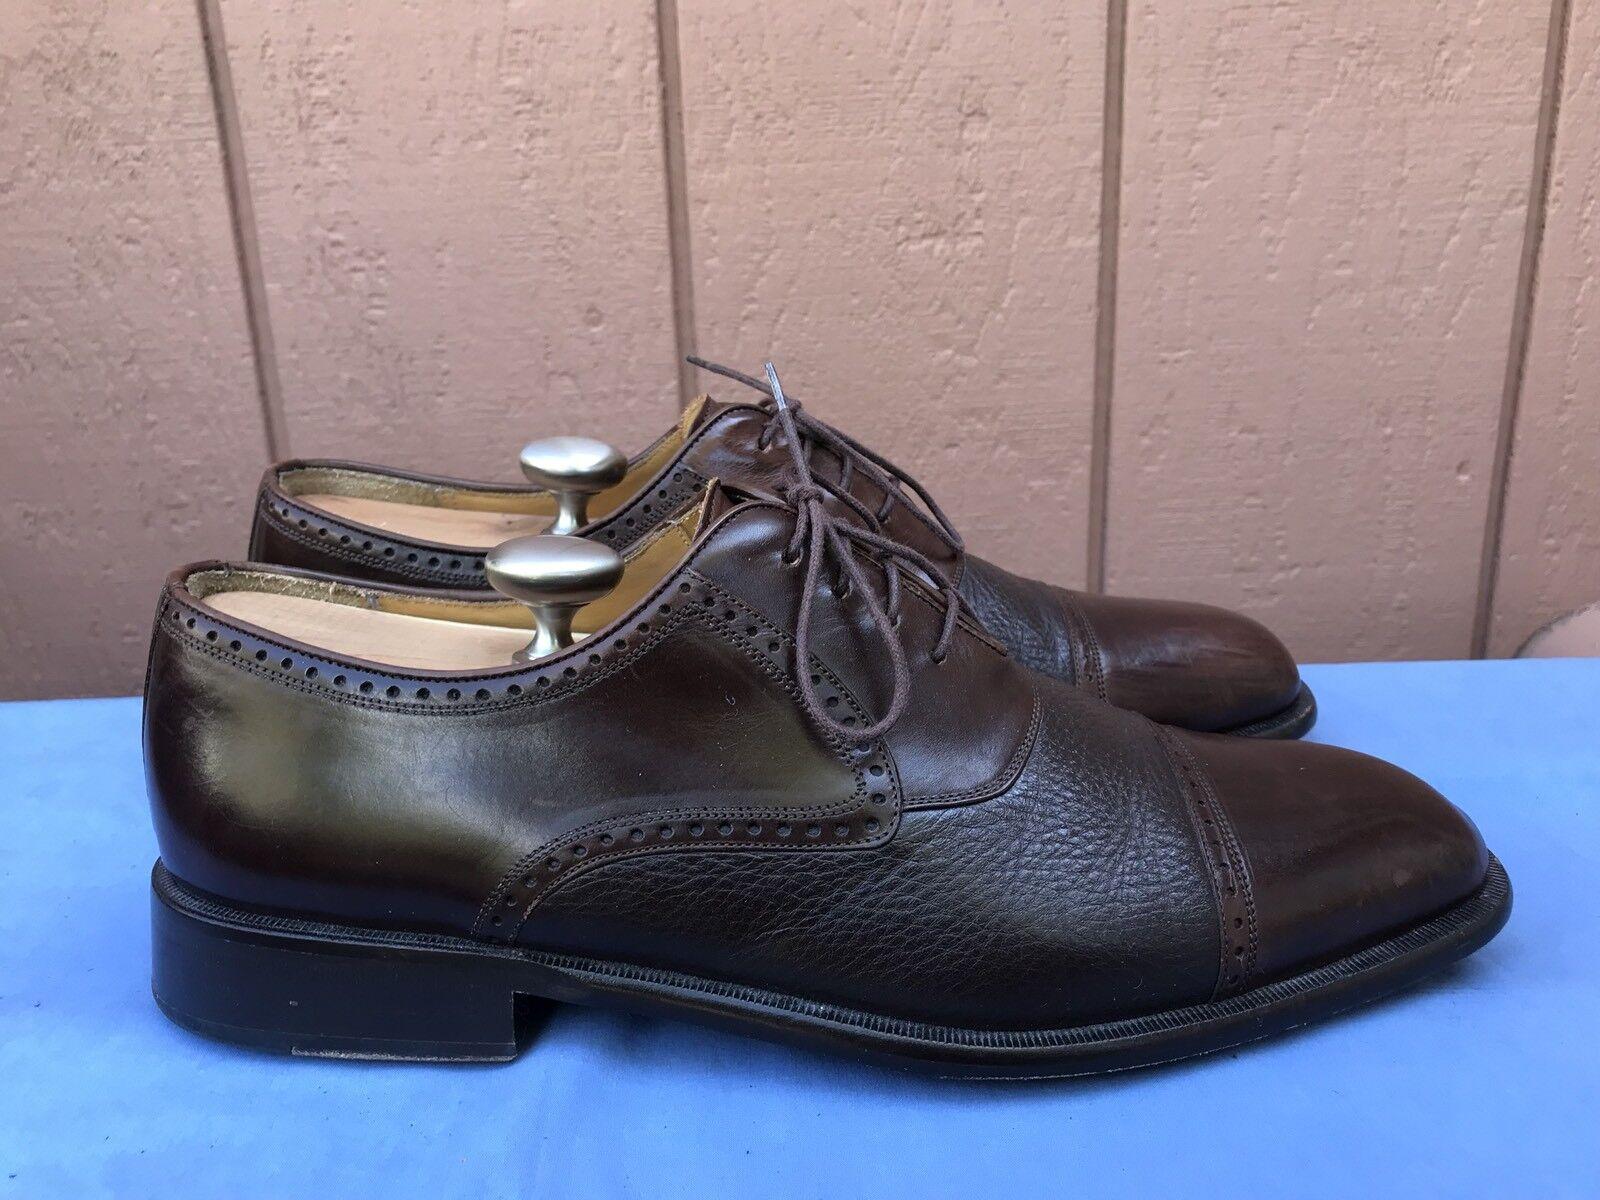 Usado mezlan en excelente estado  mezlan Usado US 10 Nicola Becerro Negro Deerskin Leather Brogue Zapatos con puntera A5 d72286